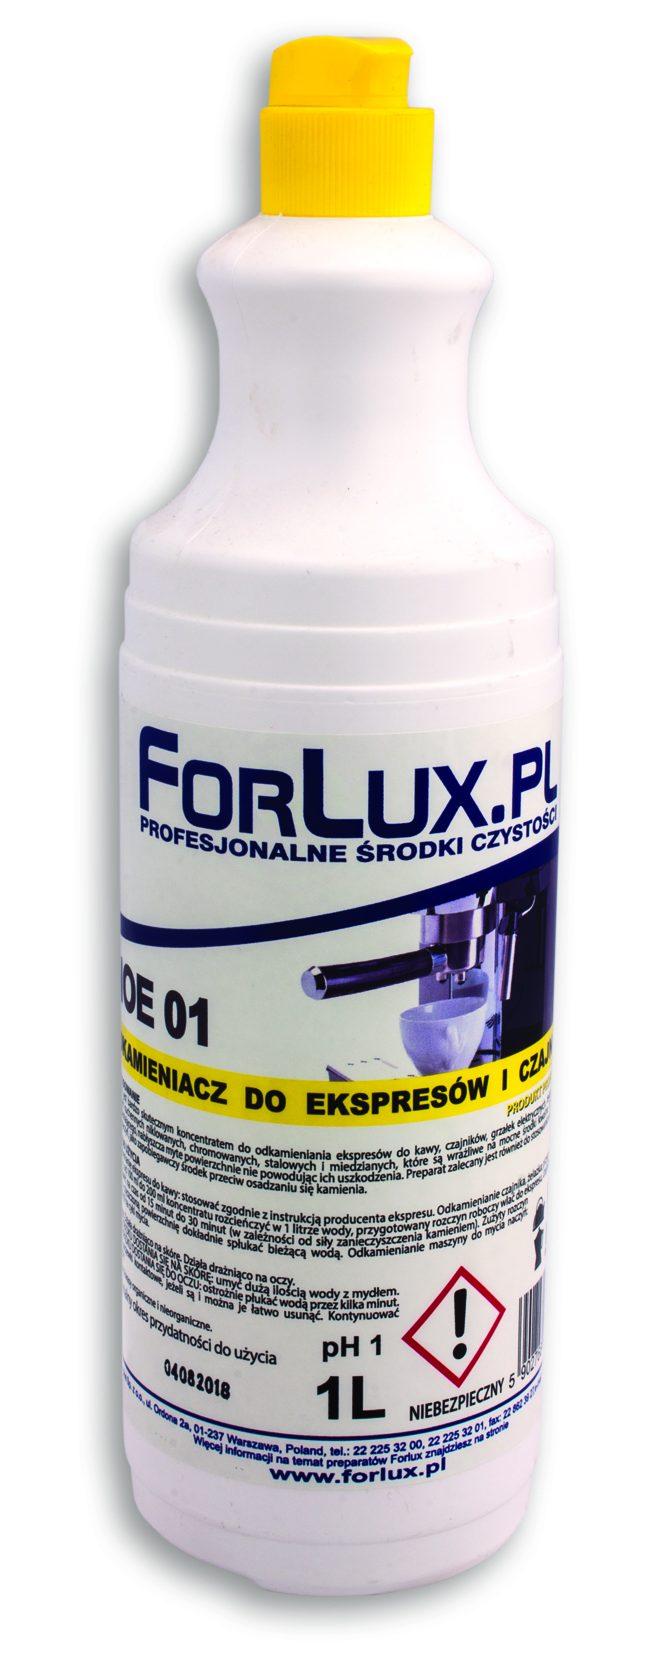 FORLUX NOE 01 Odkamieniacz do ekspresów i czajników